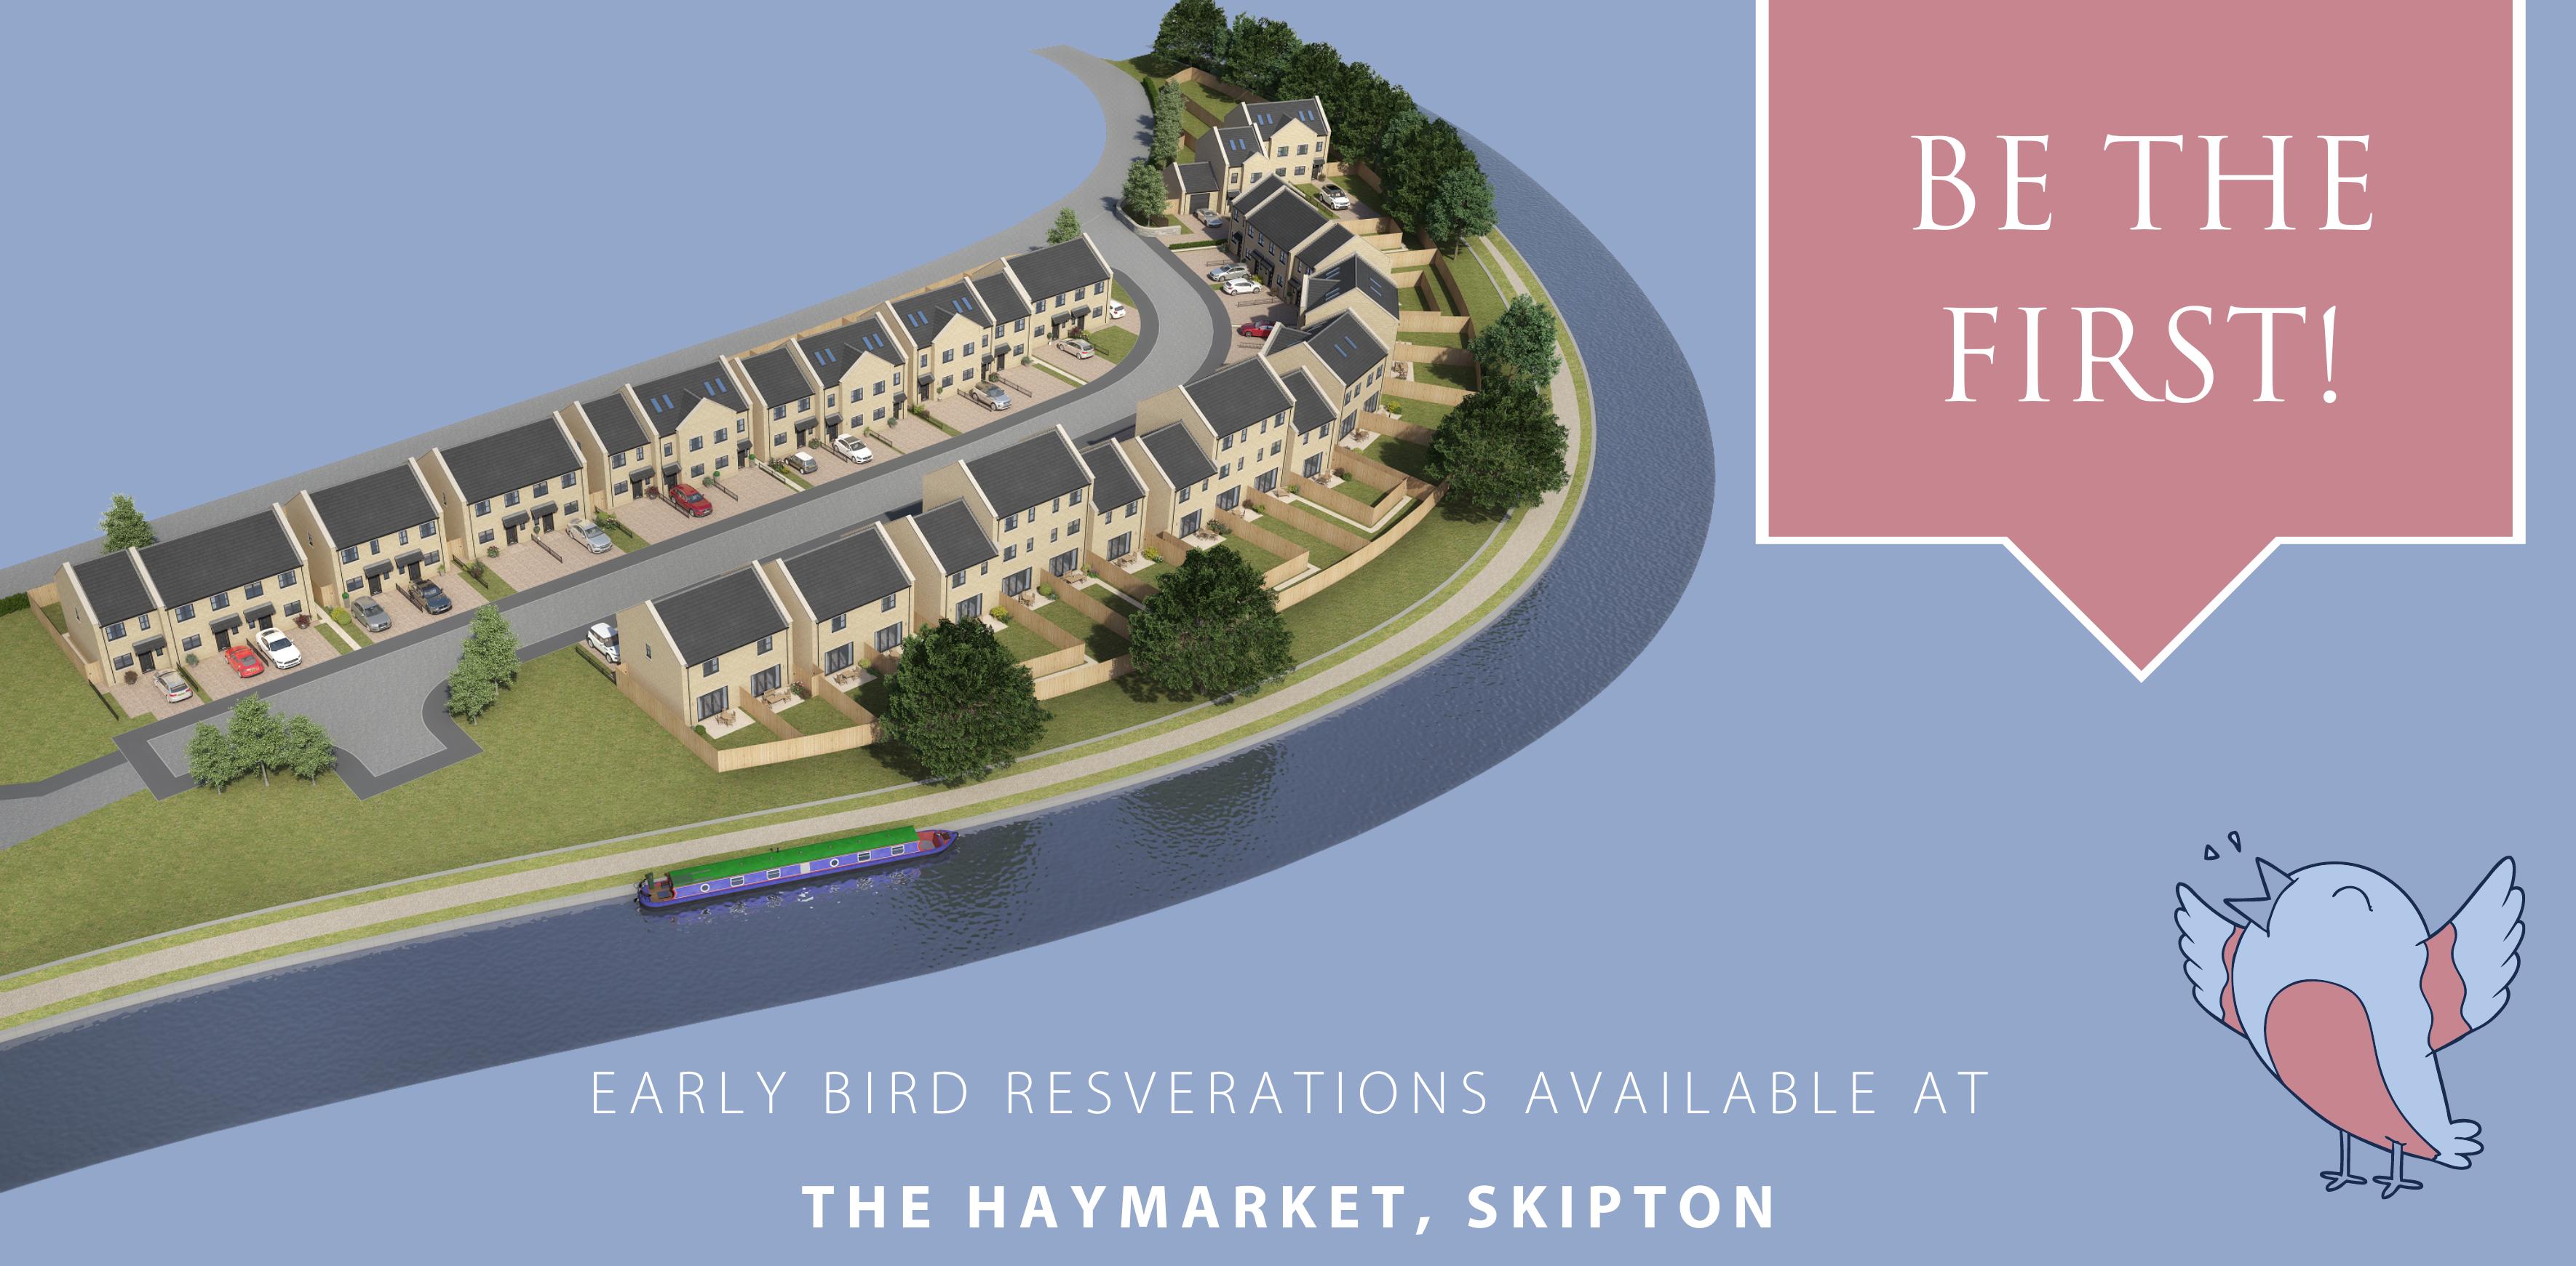 The Haymarket, Skipton